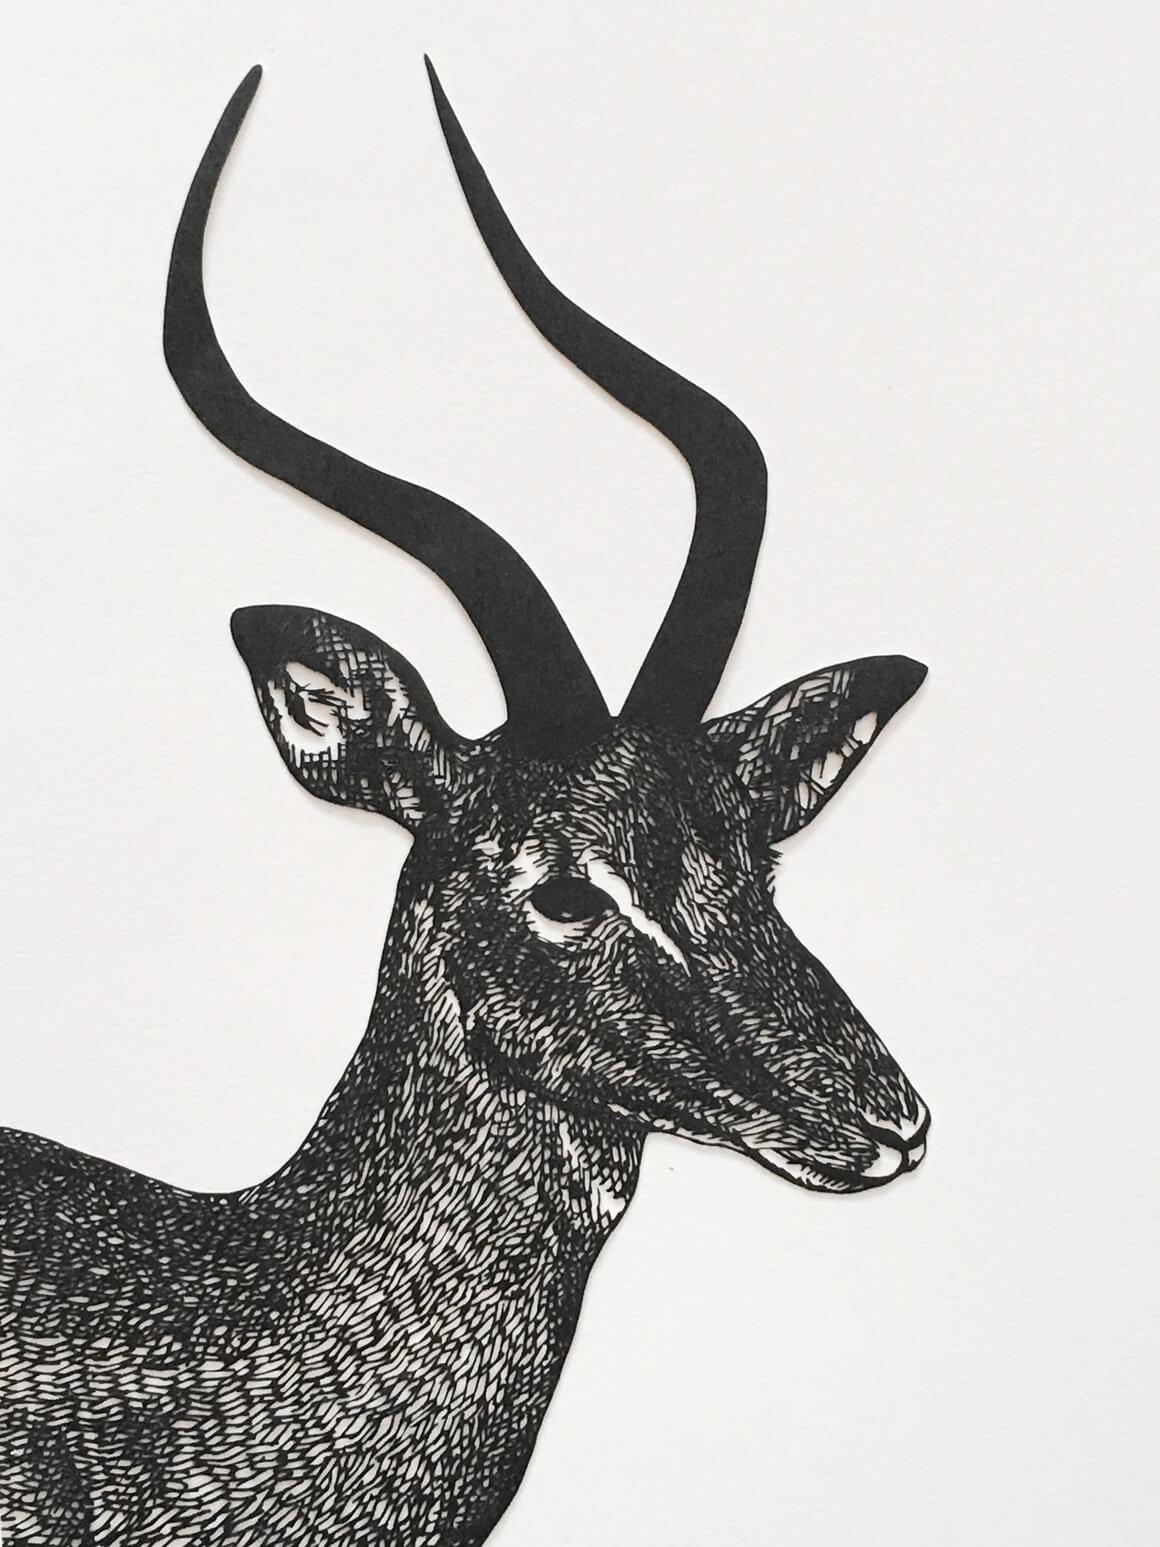 ciervo hecho con papel cortado po Kanako Abe